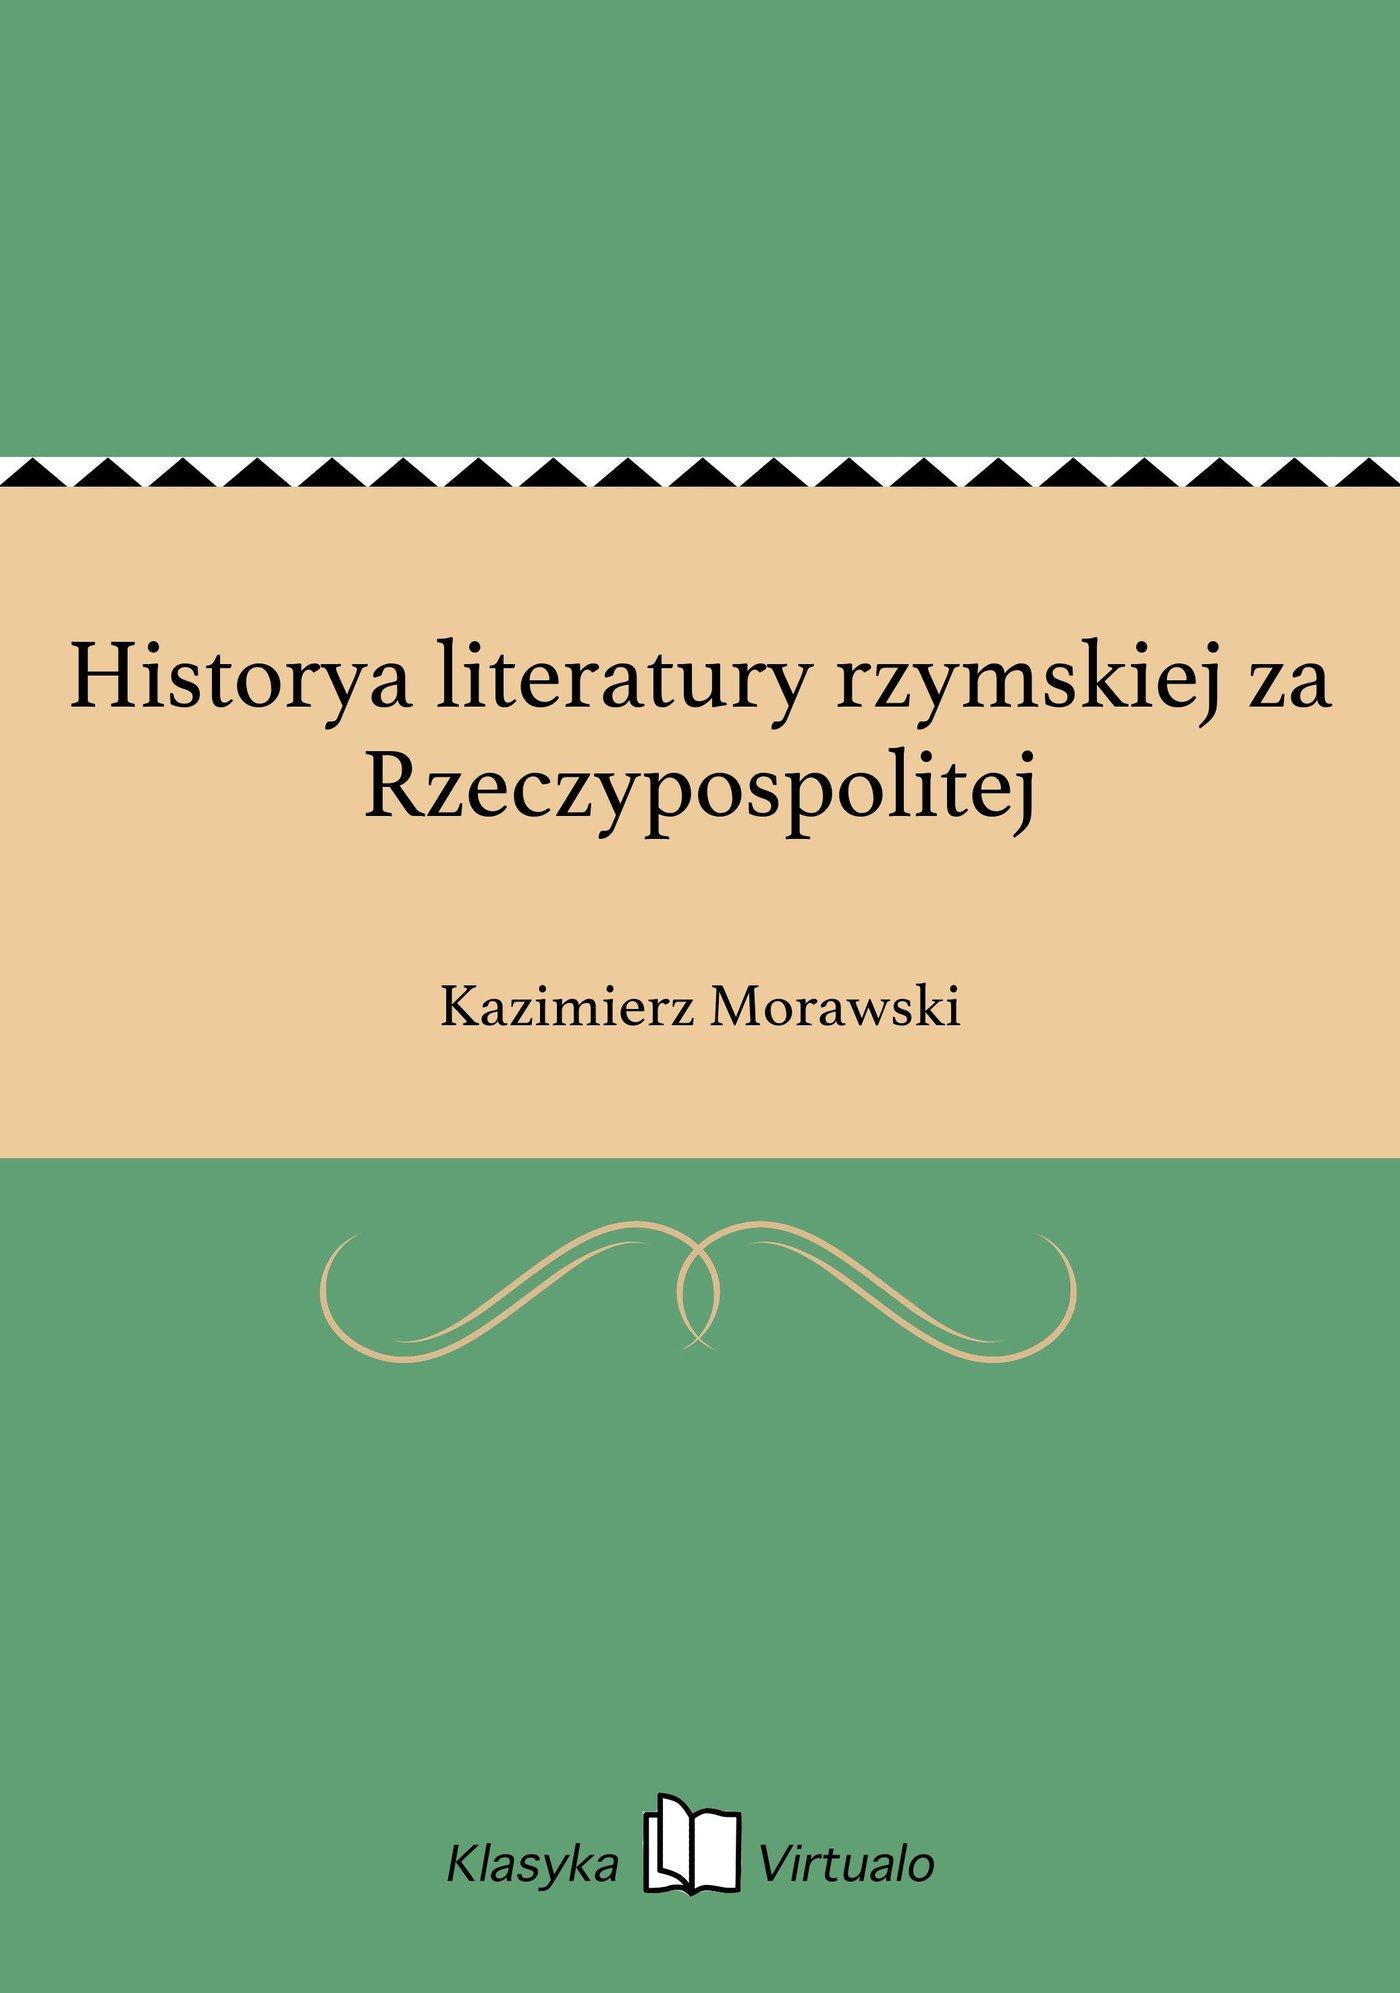 Historya literatury rzymskiej za Rzeczypospolitej - Ebook (Książka EPUB) do pobrania w formacie EPUB